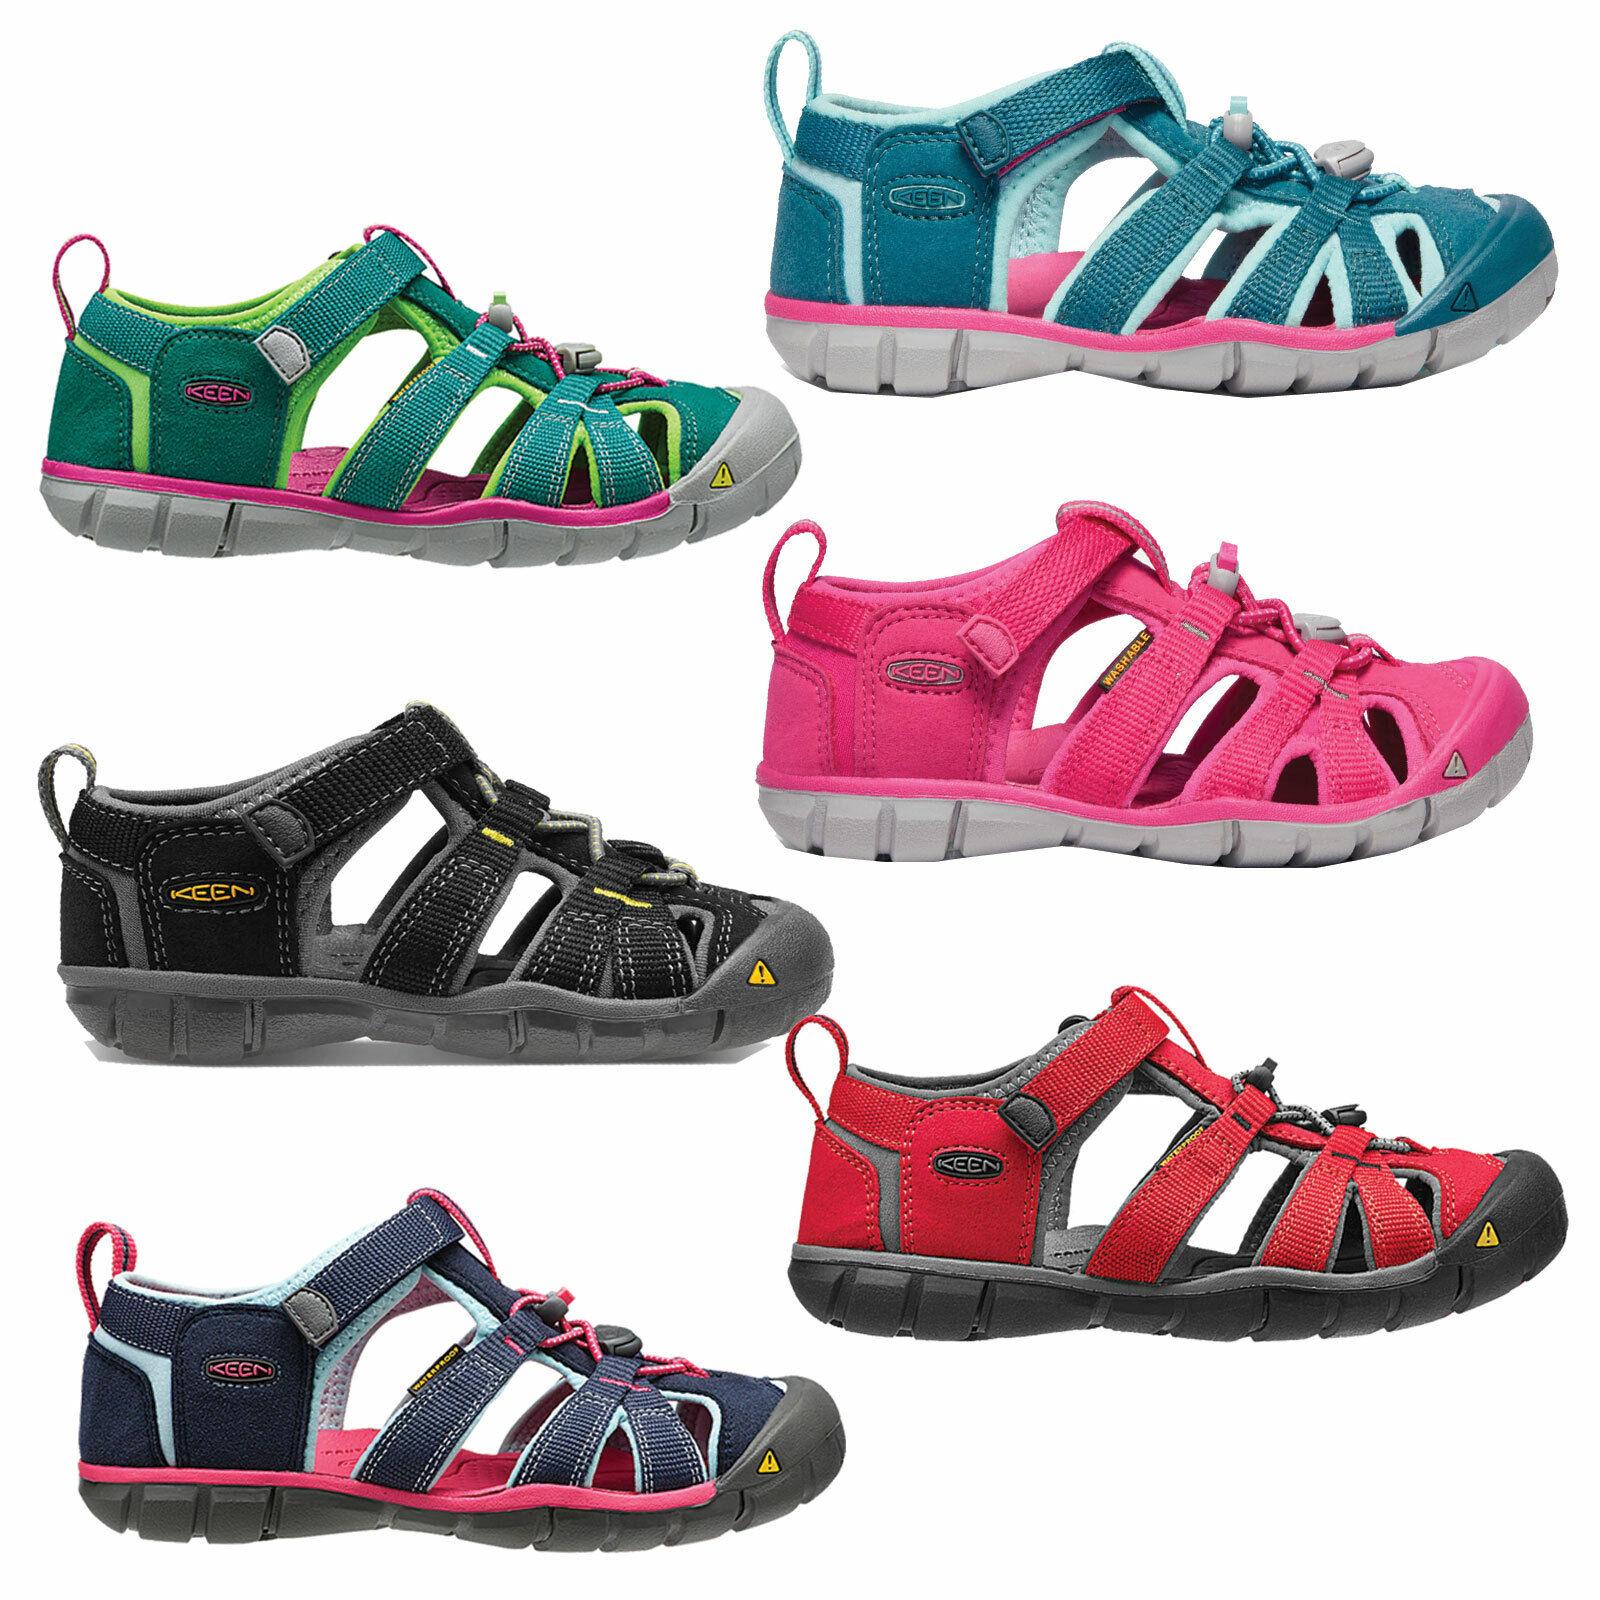 Keen Seacamp Kinder-Sandalen Sandaletten Outdoor-Trekking-Wander-Schuhe Mädchen